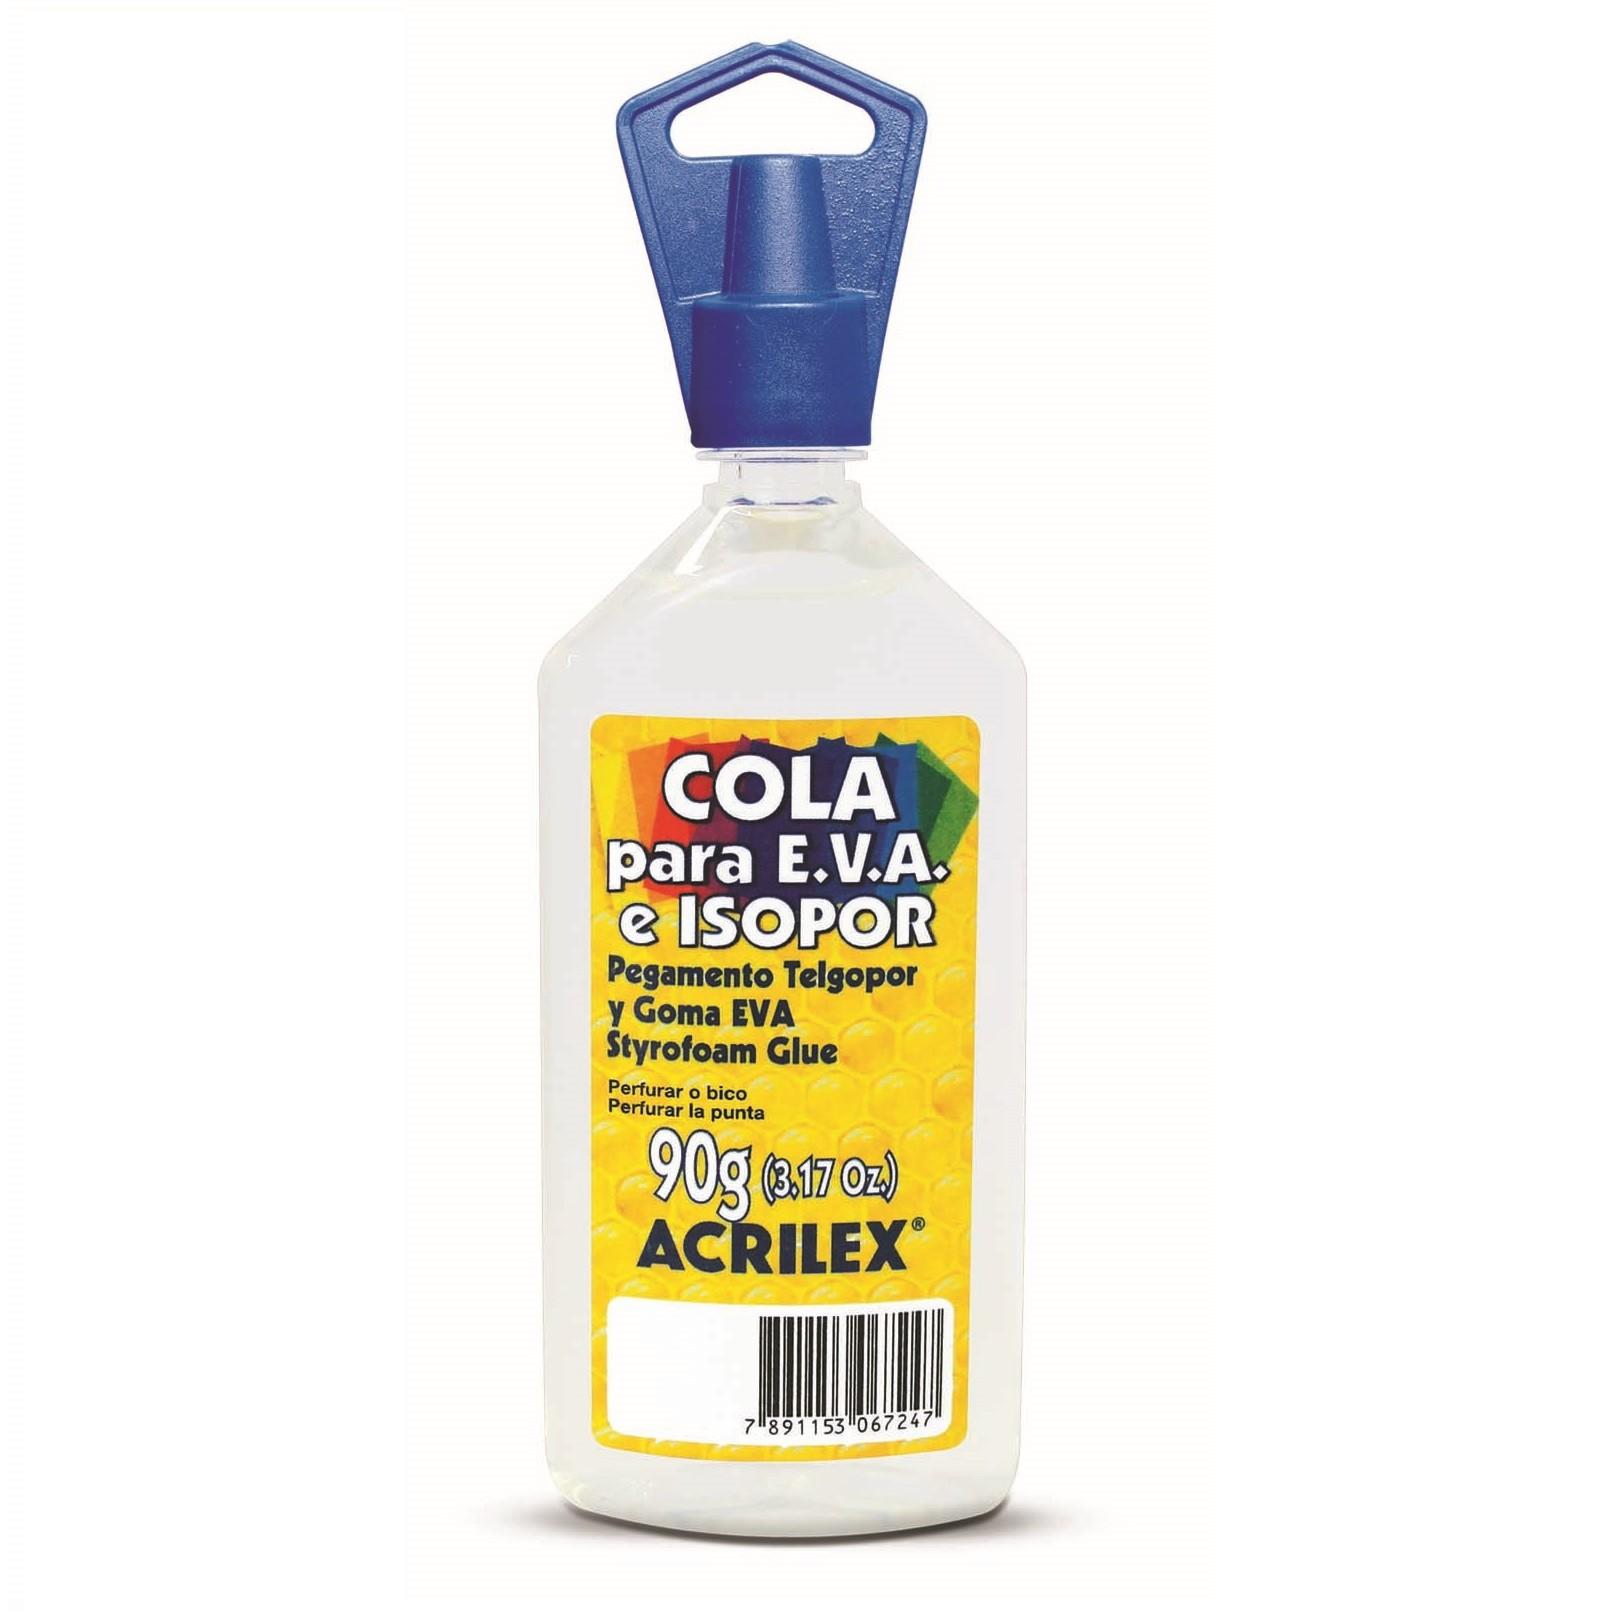 Cola para EVA e Isopor 90g - Acrilex